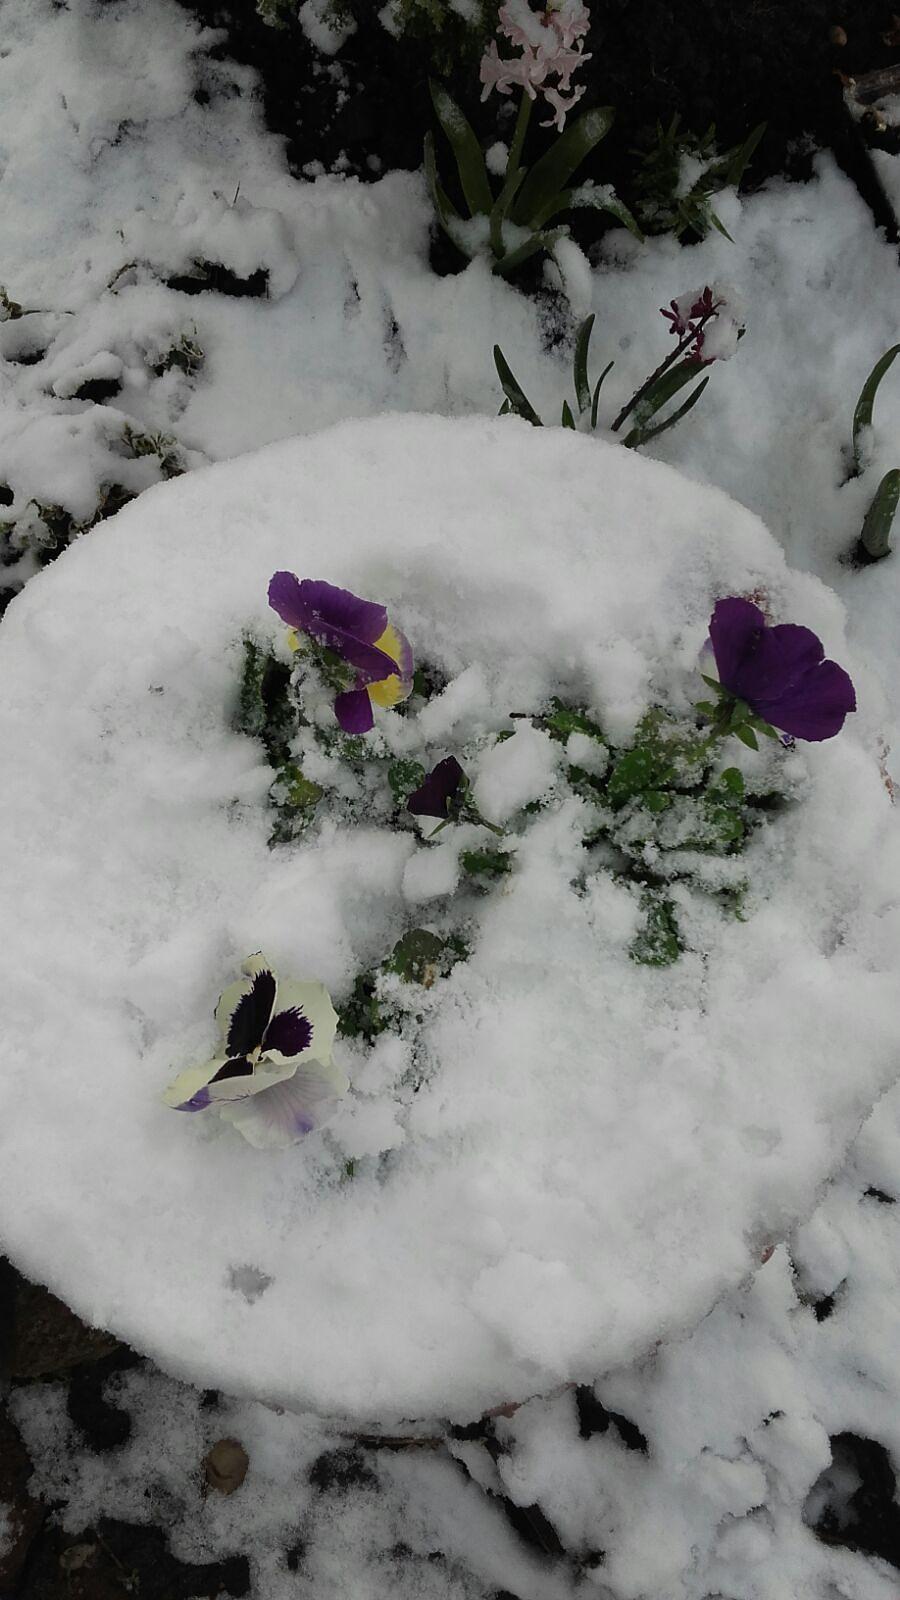 Arī Liepājā šorīt bija vērojama sniega sega